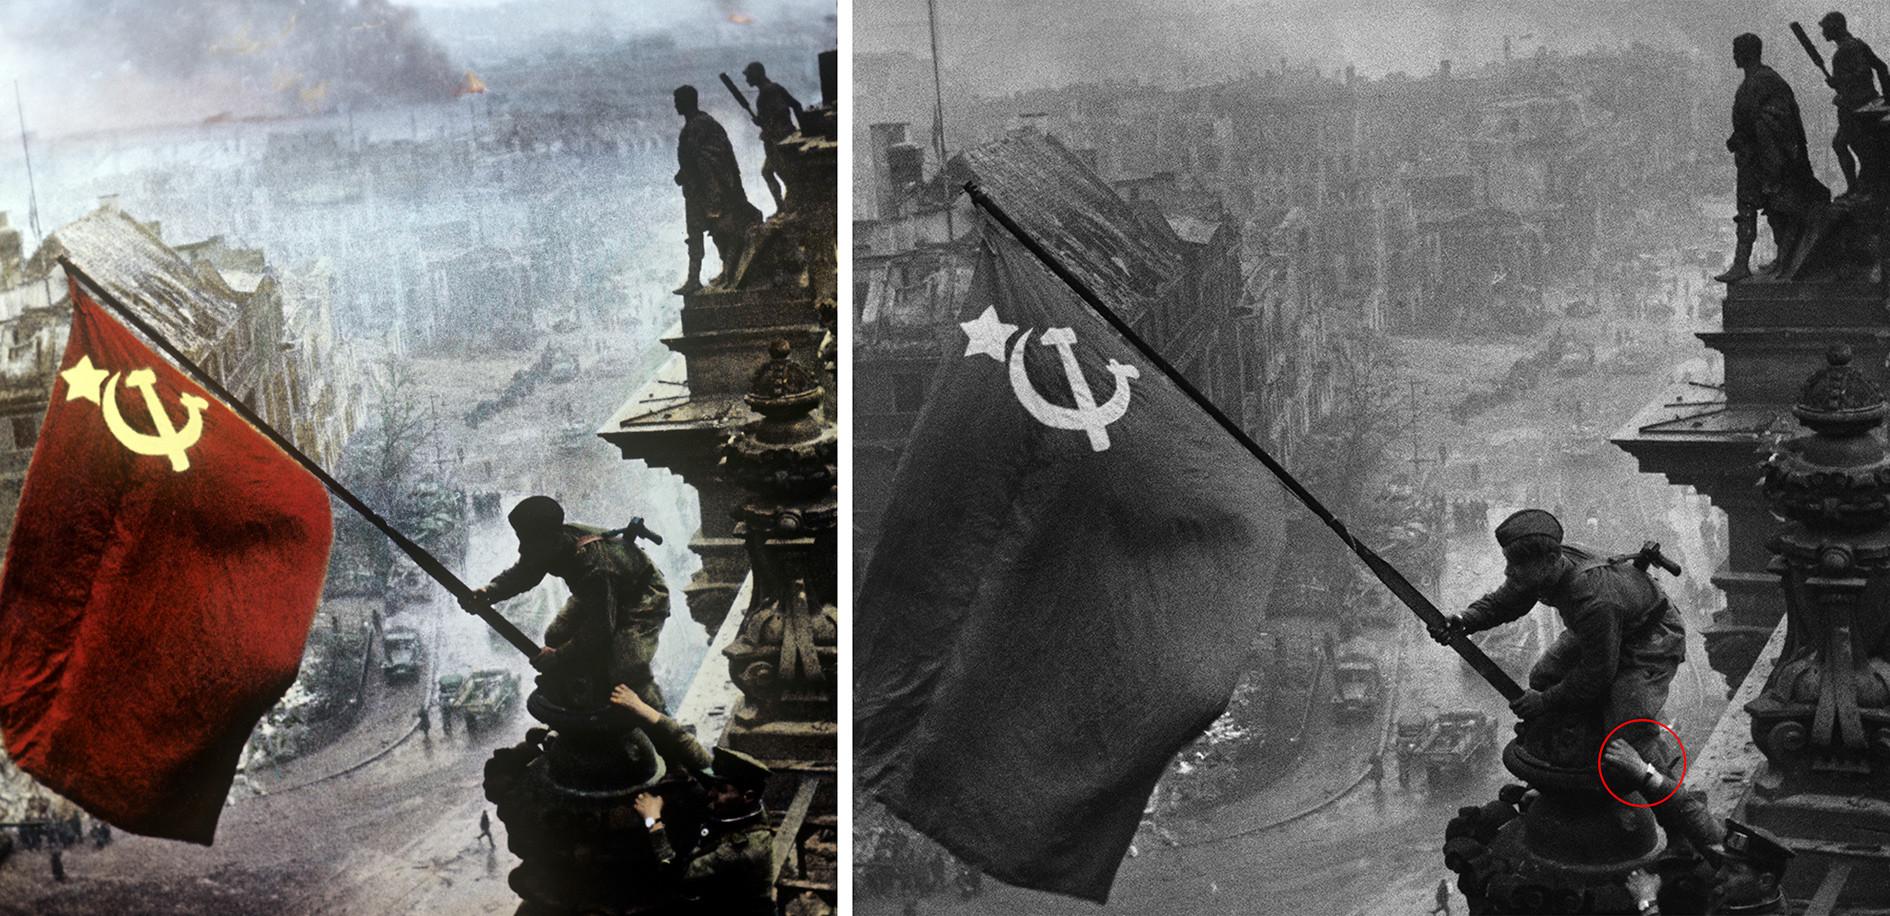 Fakta Lain Di Balik Foto Bendera Soviet Yang Dikibarkan Di Reichstag